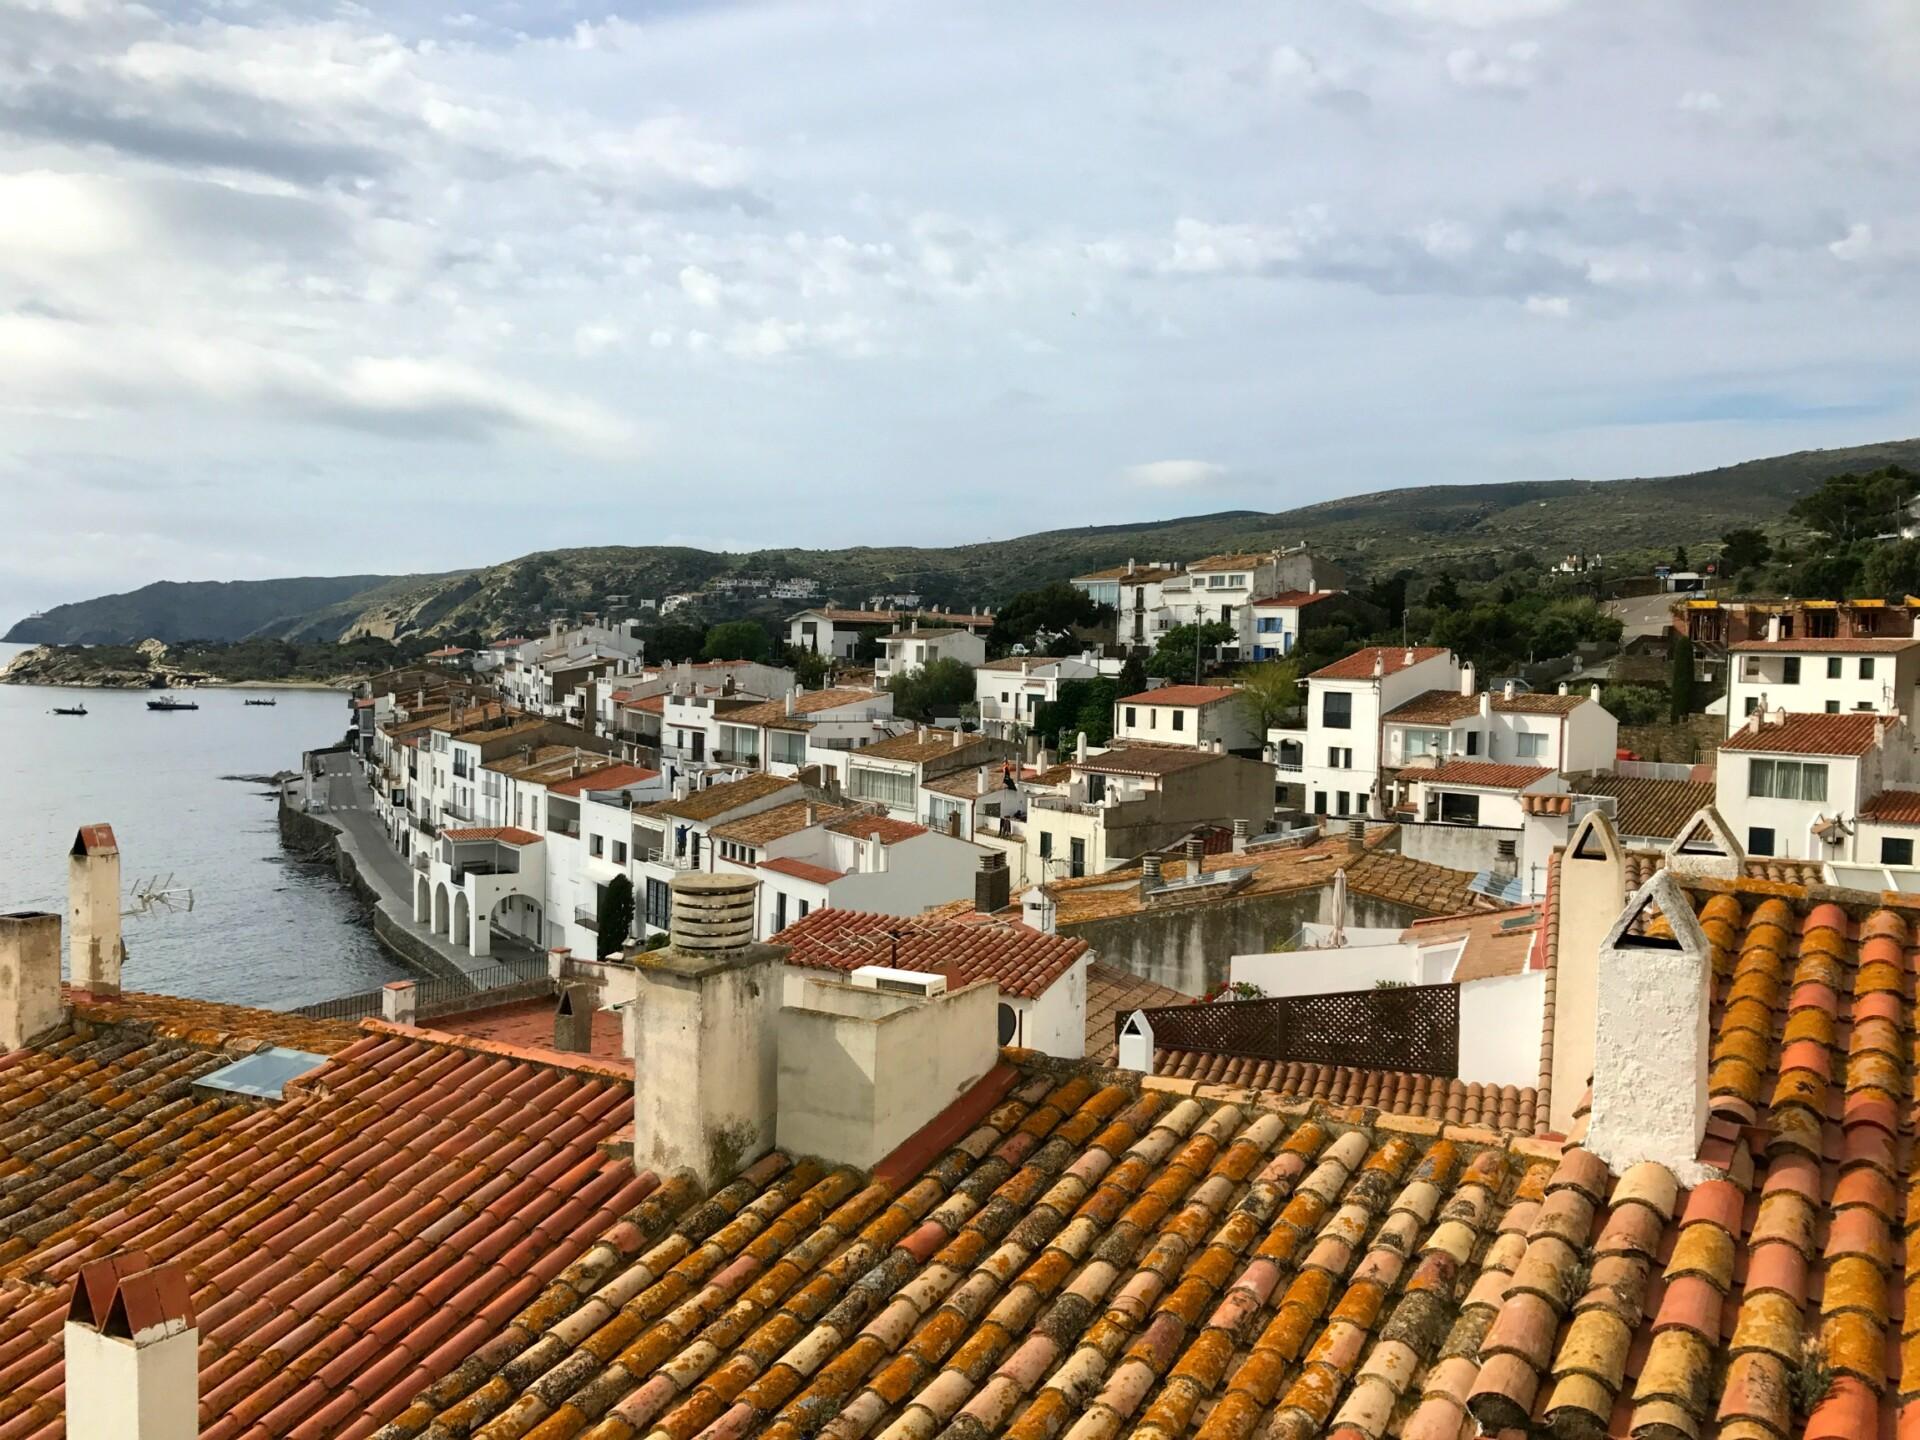 Besøg den charmerende hvide by Cadaqués langs Costa Brava kysten